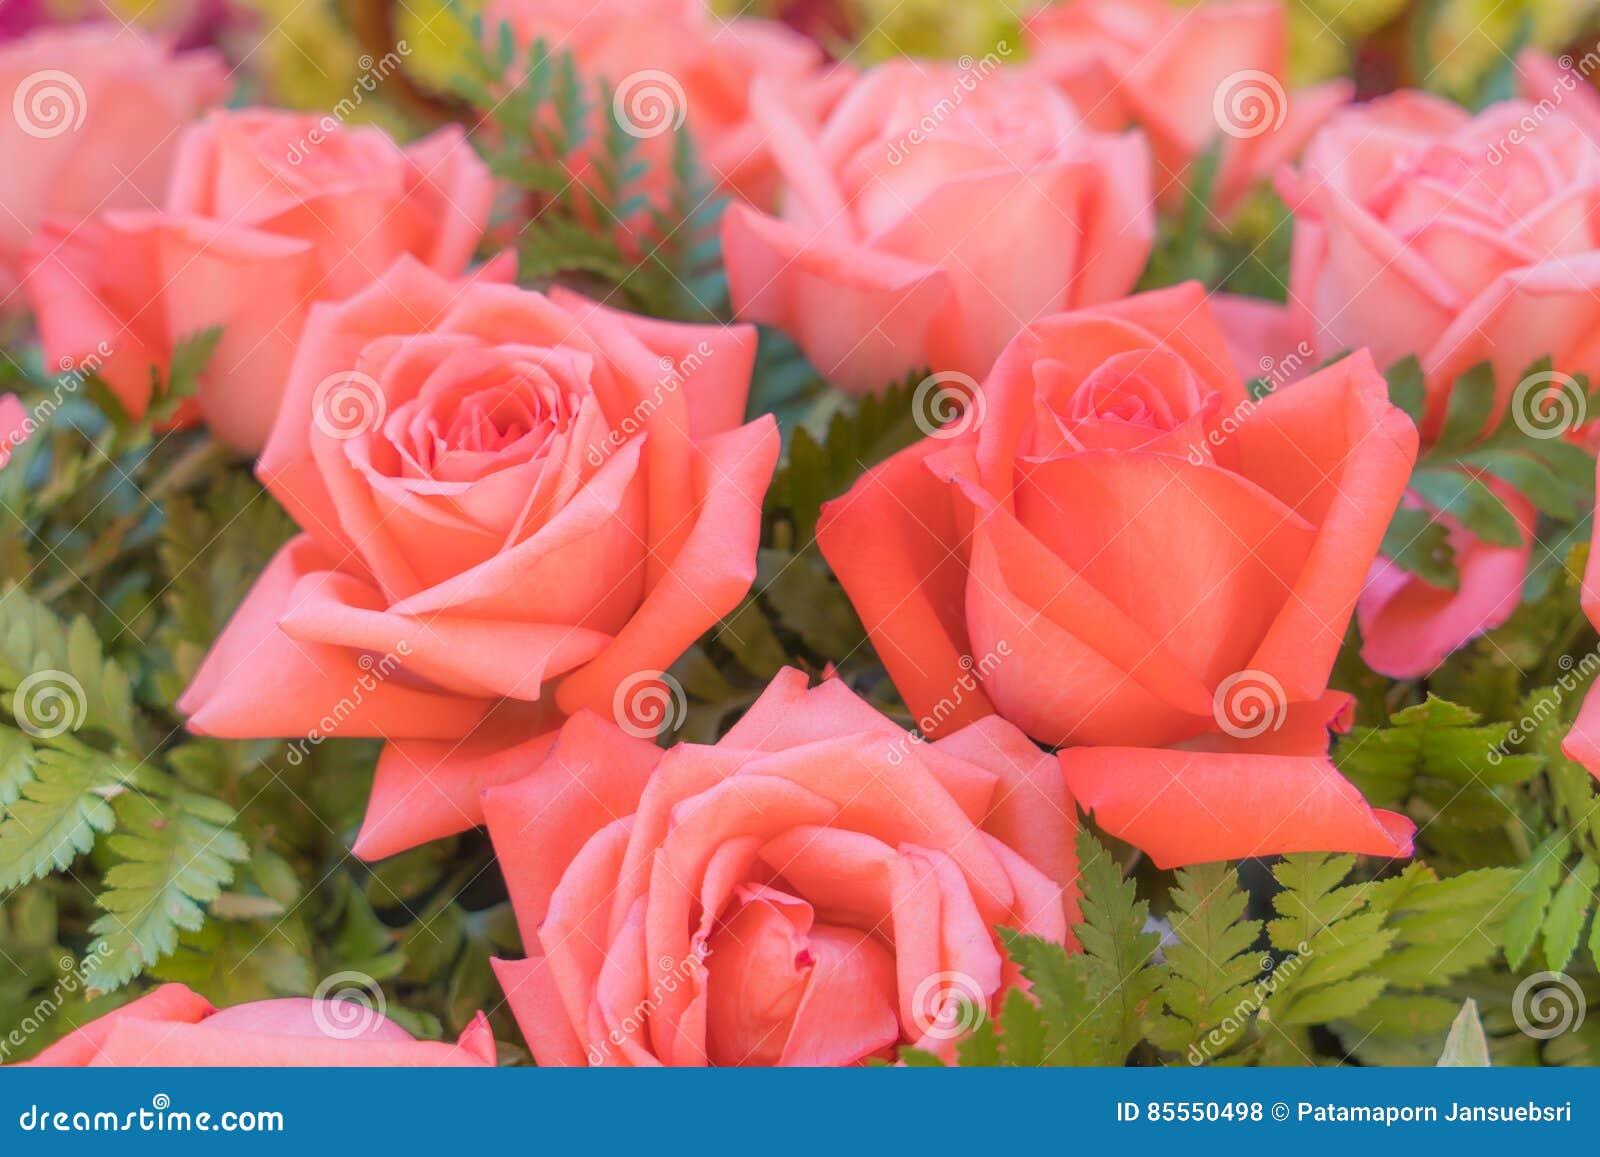 Alte rosafarbene Rosen auf grünem Hintergrund